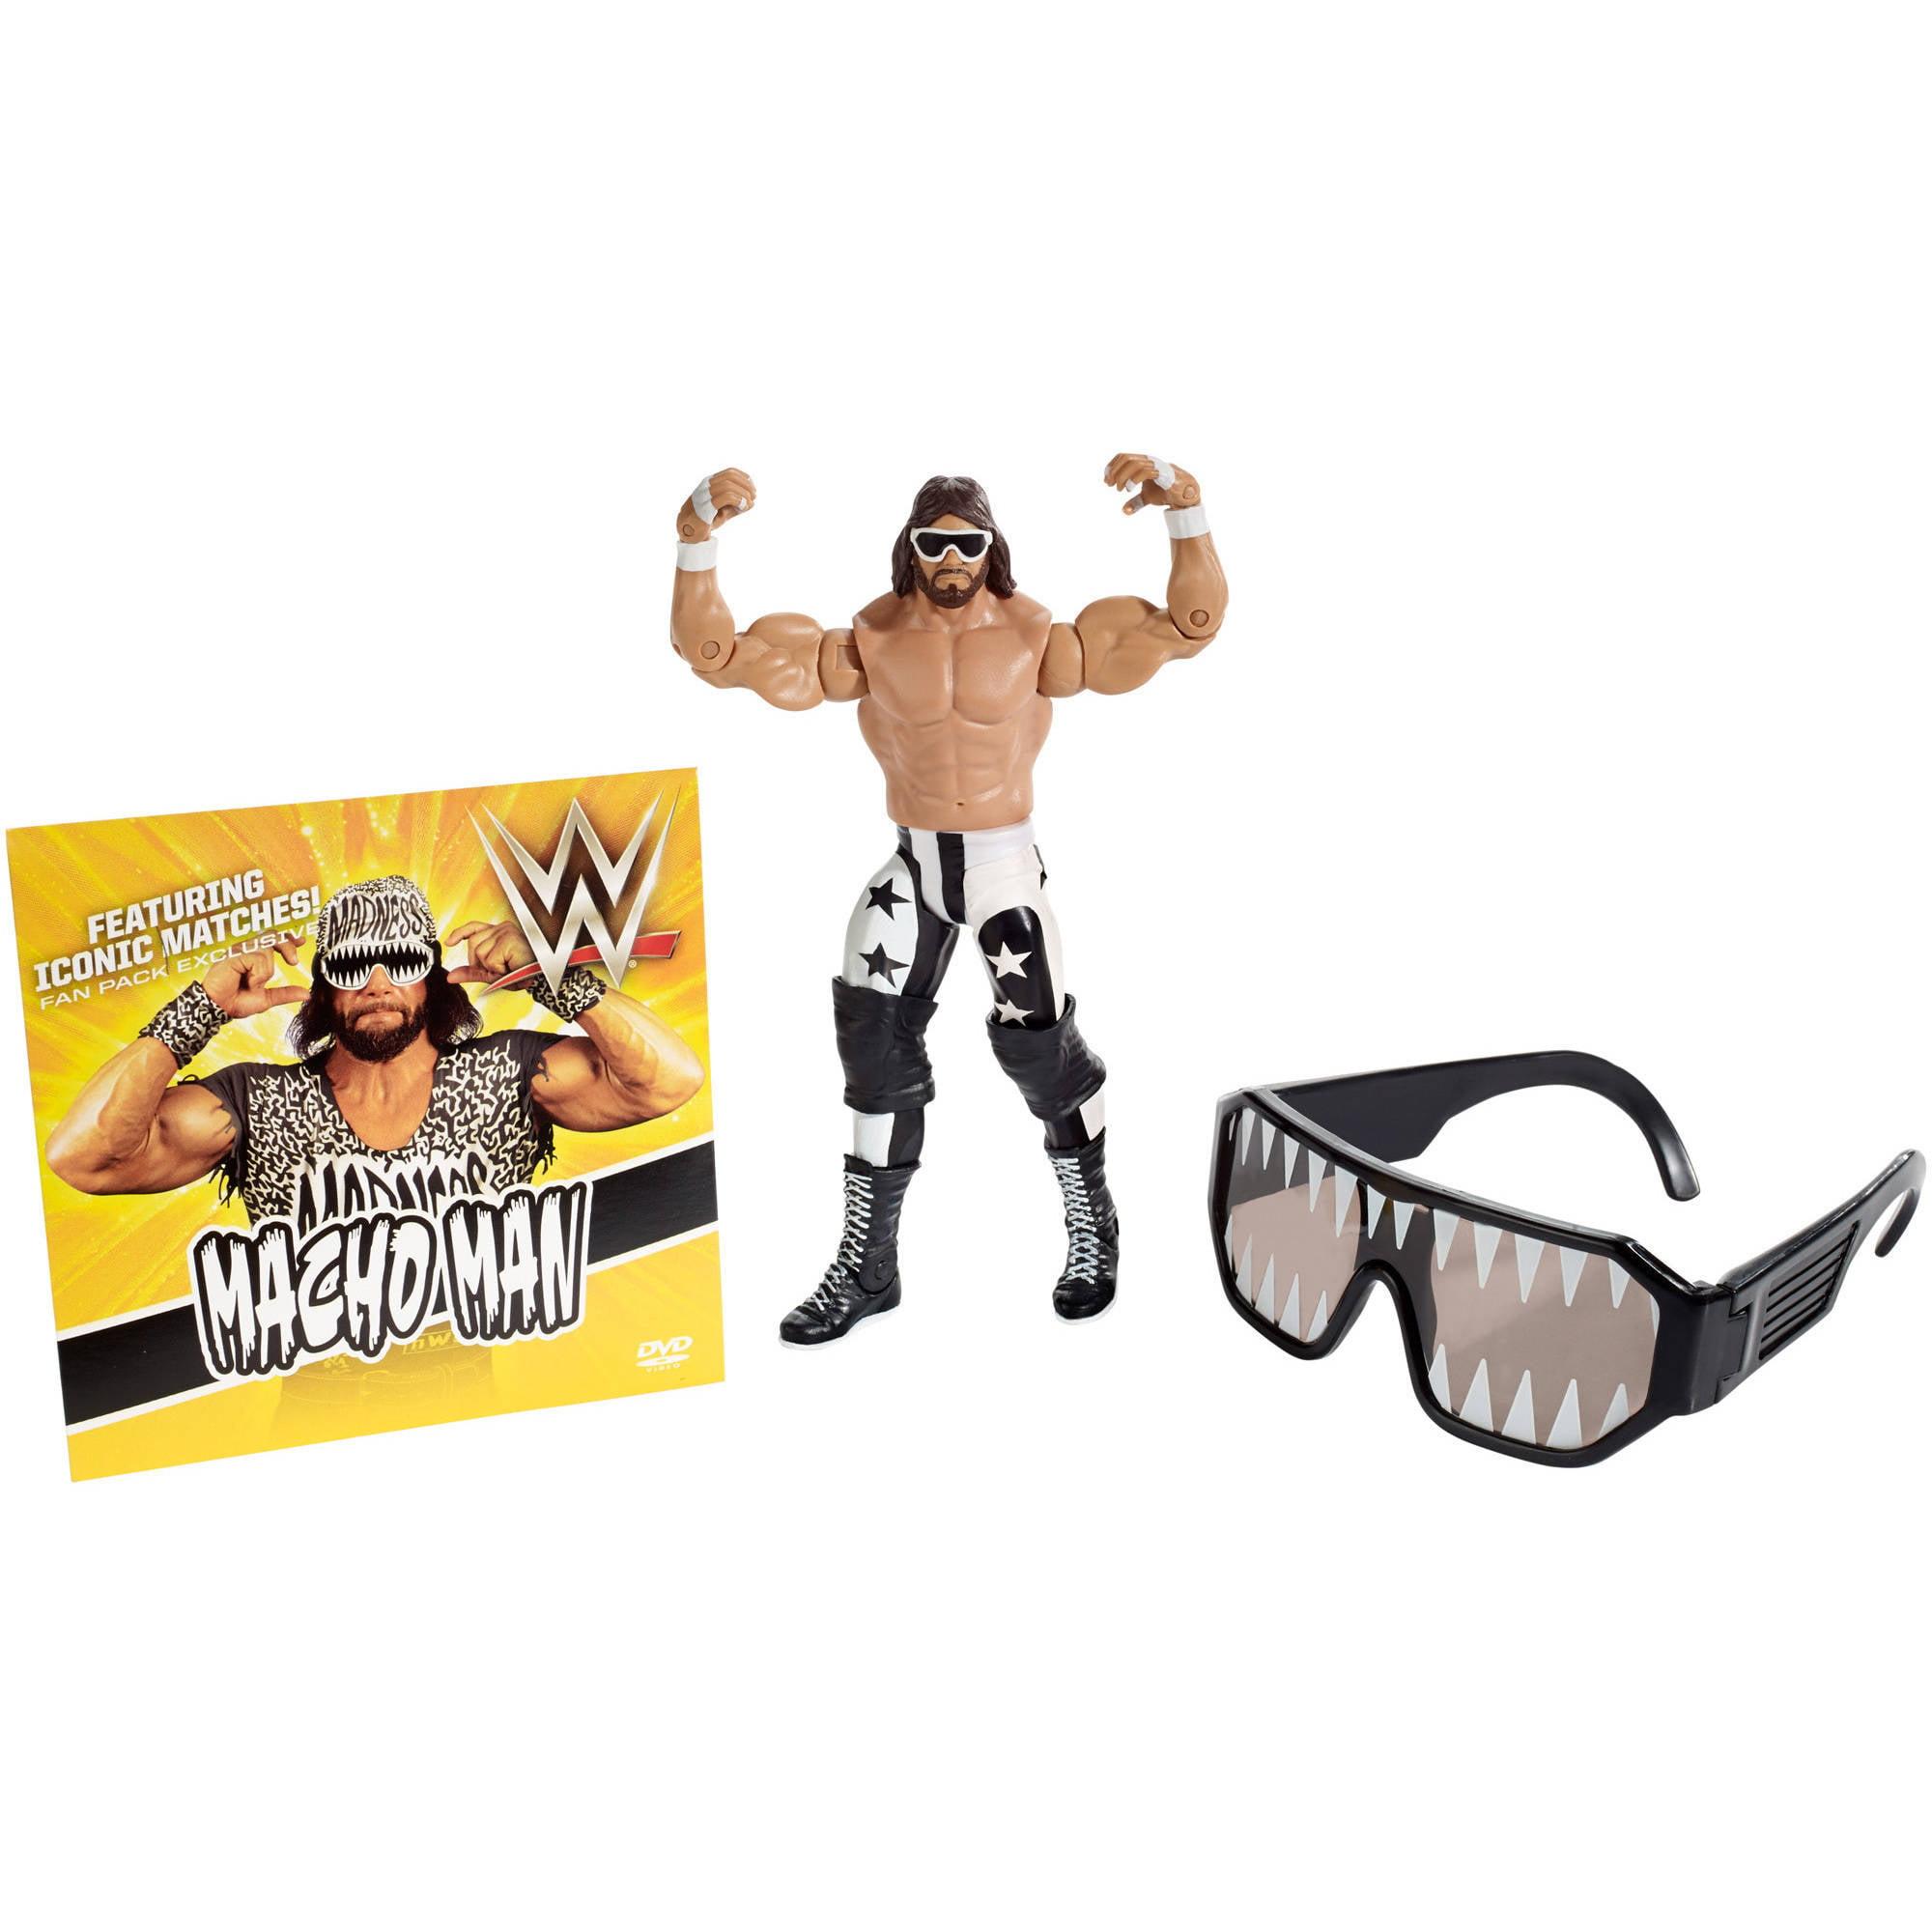 WWE Macho Man Fan Pack by Mattel